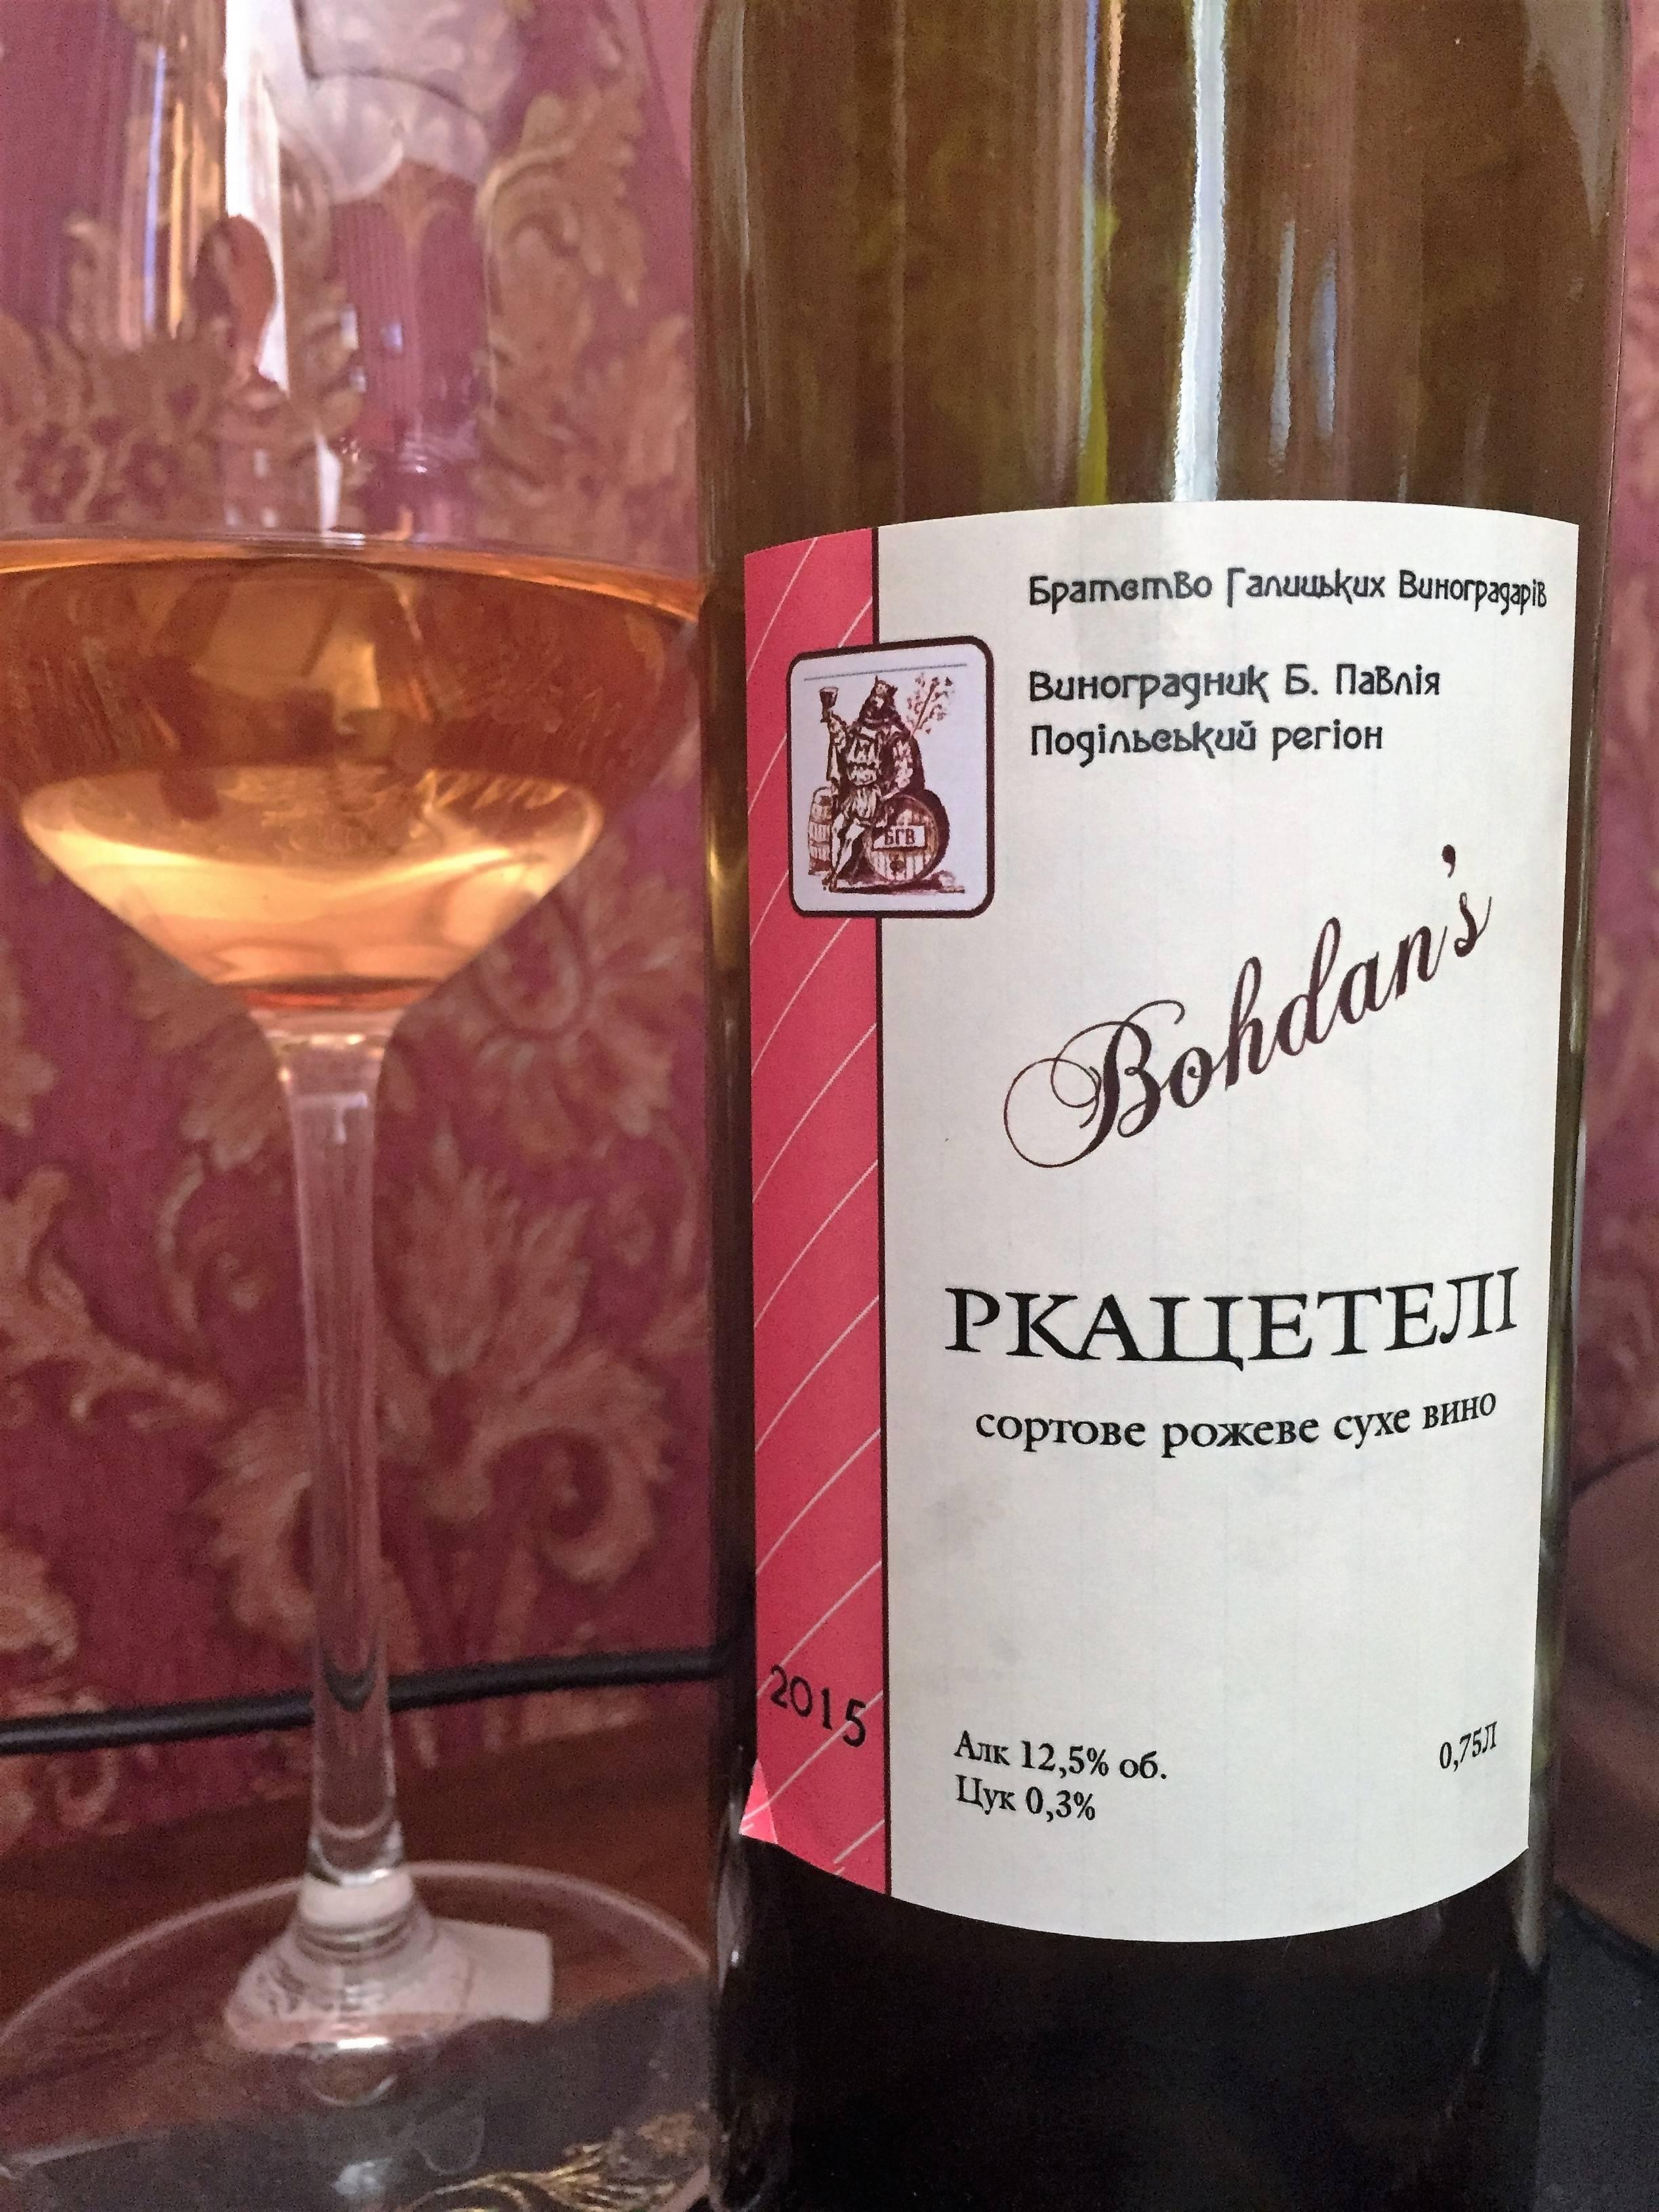 Как выбрать вино, рейтинг вин: красного, белого, розового, желтого - как выбрать